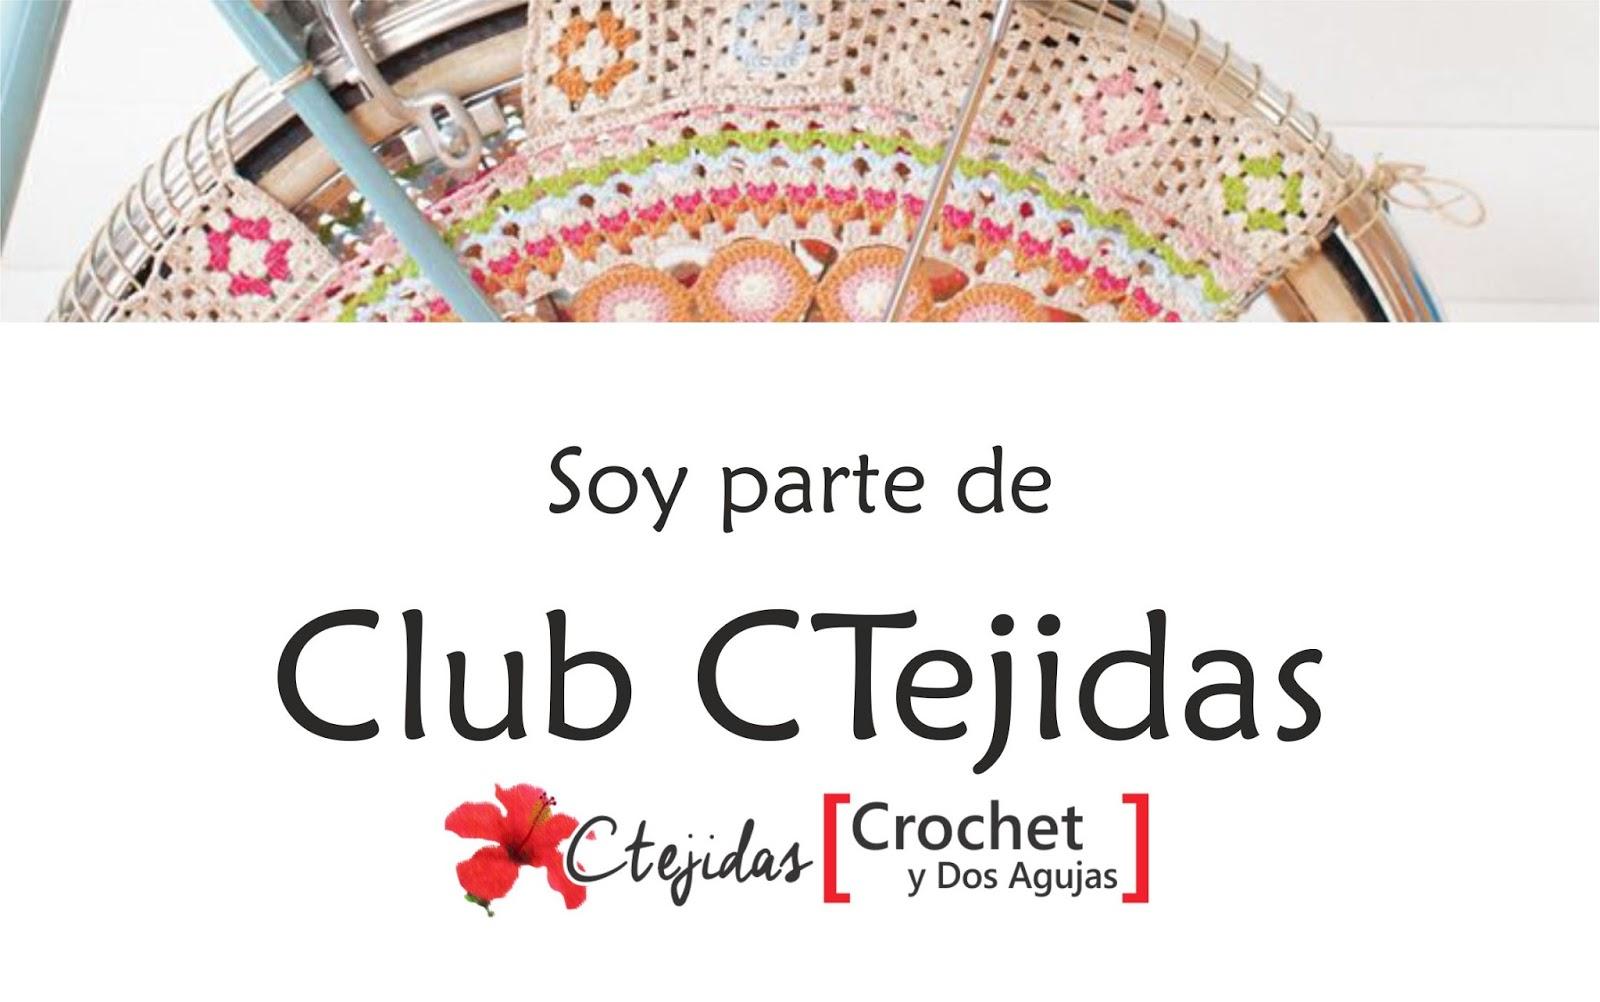 CLUB C TEJIDAS